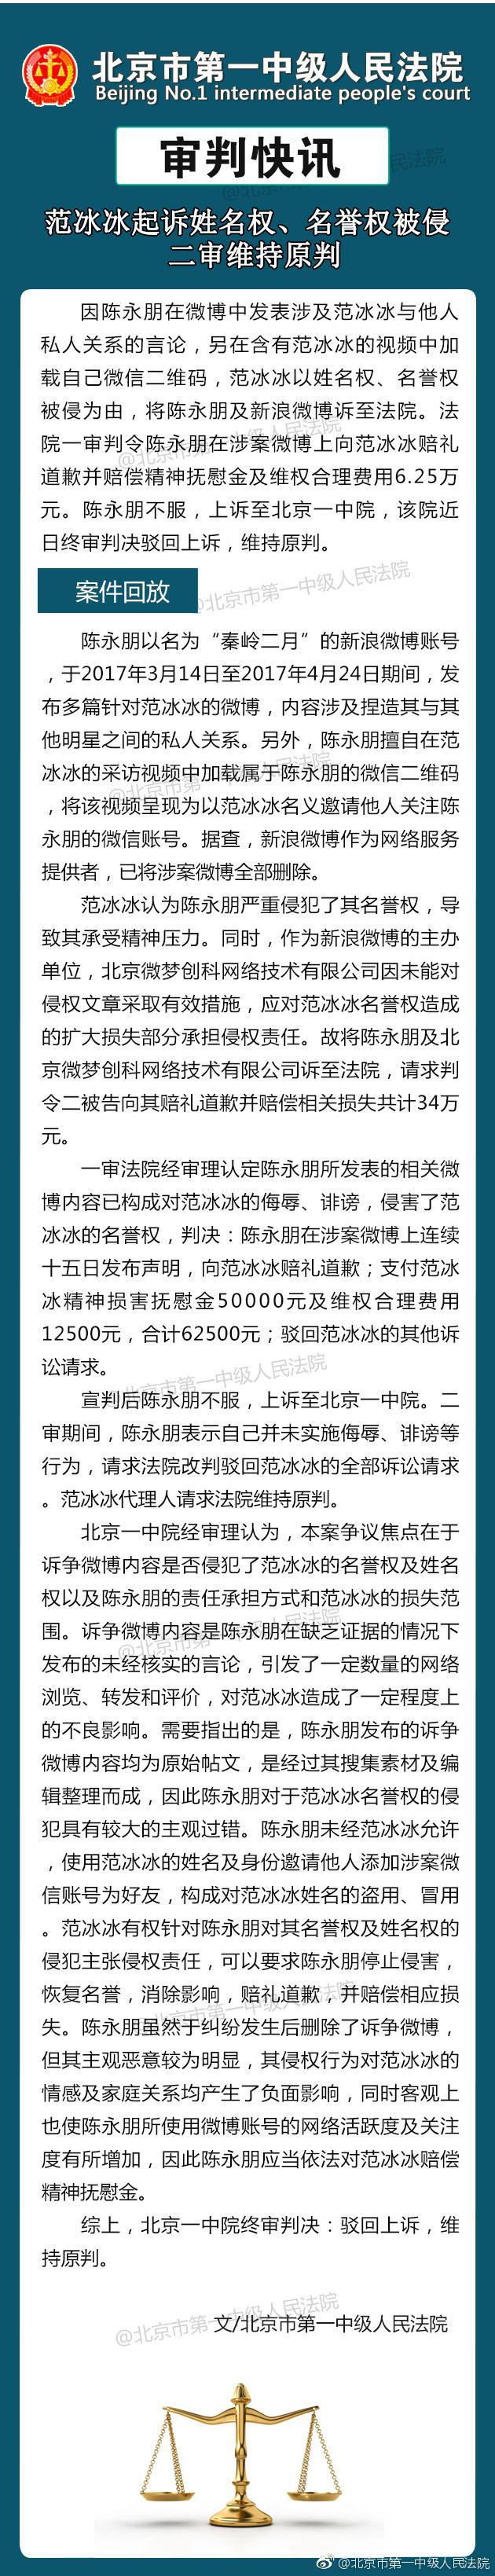 http://www.zgmaimai.cn/yulexinwen/50522.html